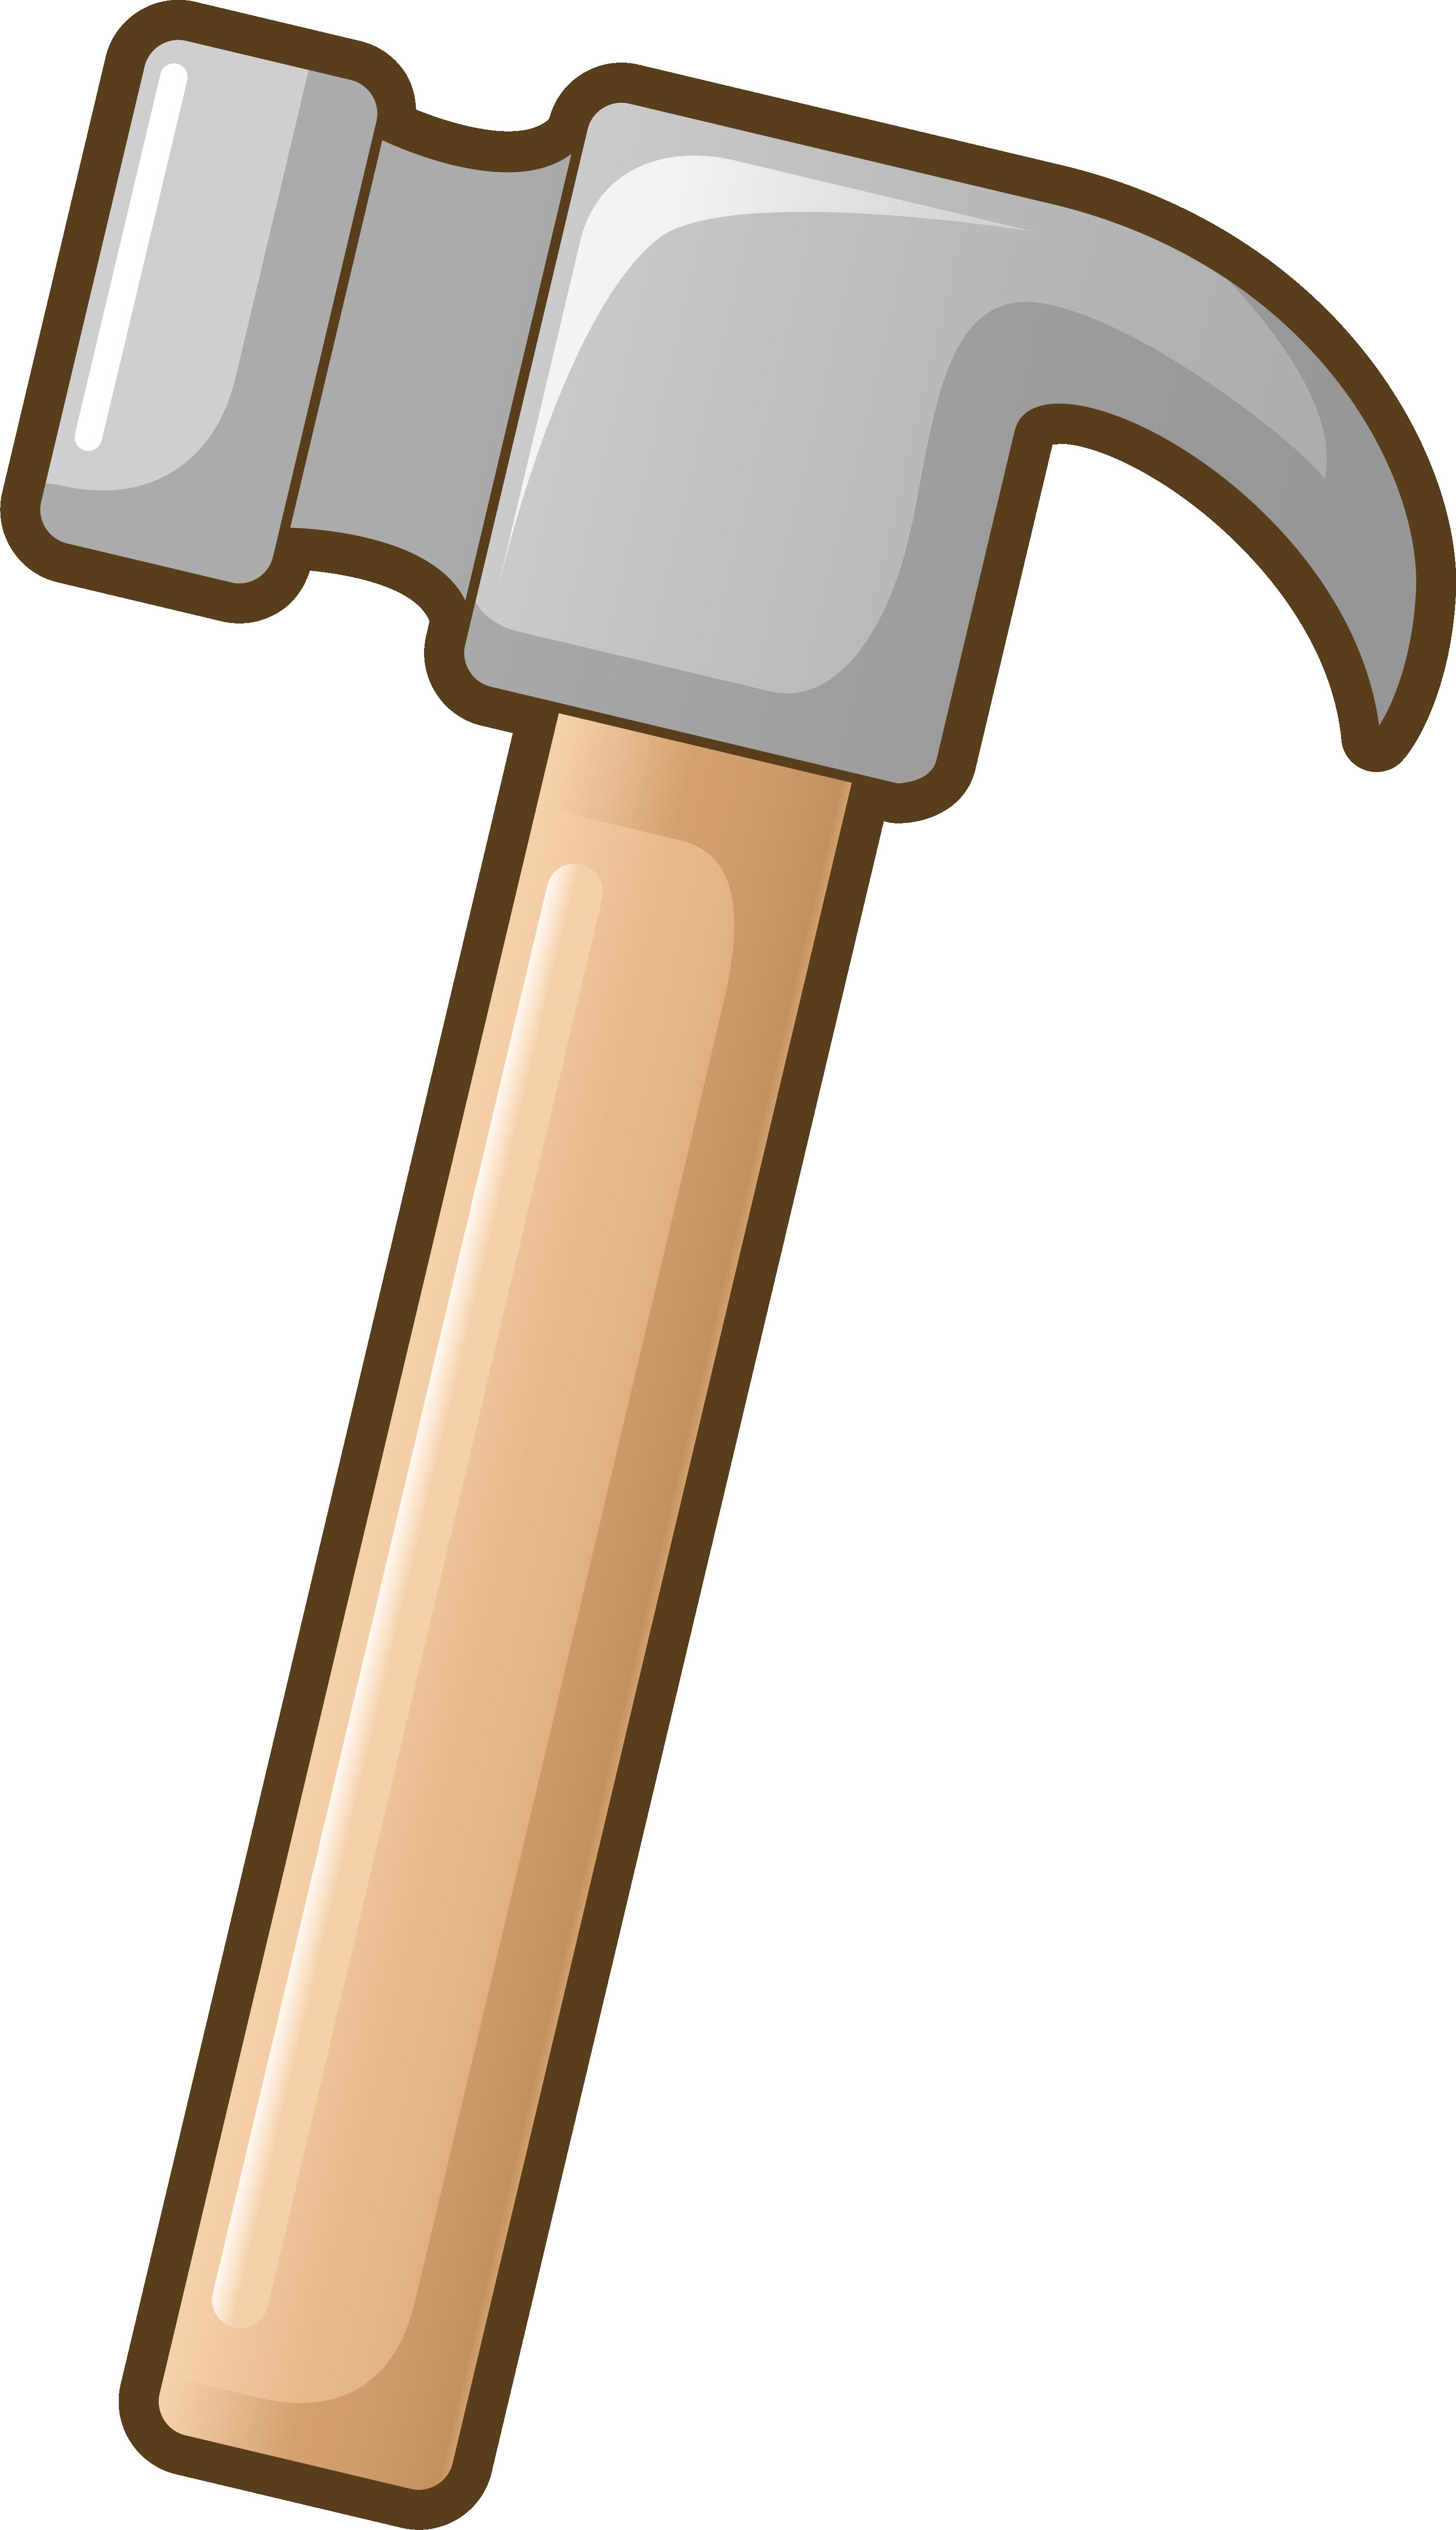 Cartoon simple gray transprent. Clipart hammer building tool